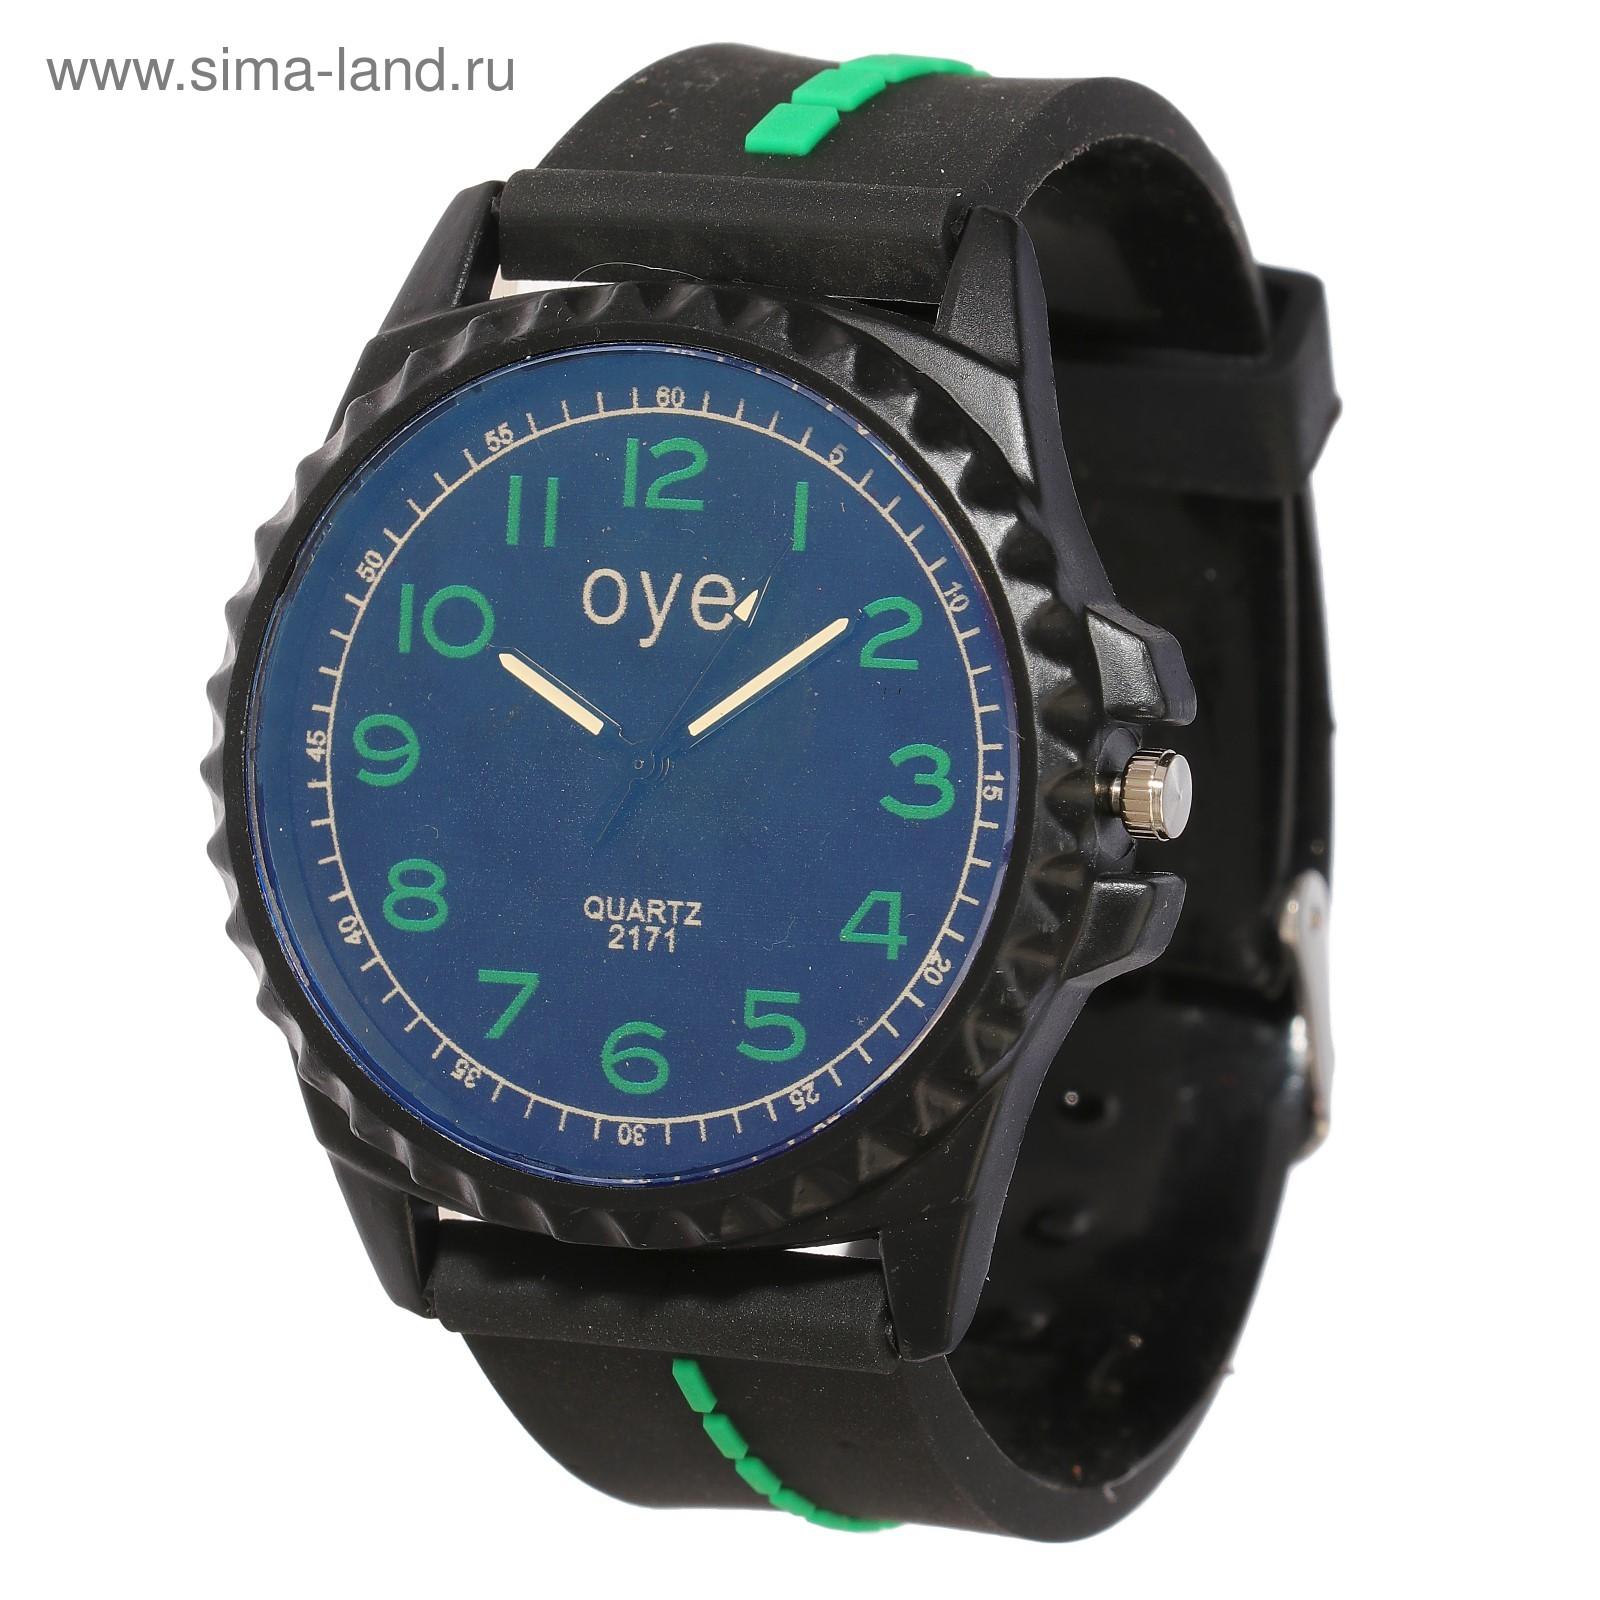 Мужские часы наручные силиконовый ремешок купить часы camel trophy